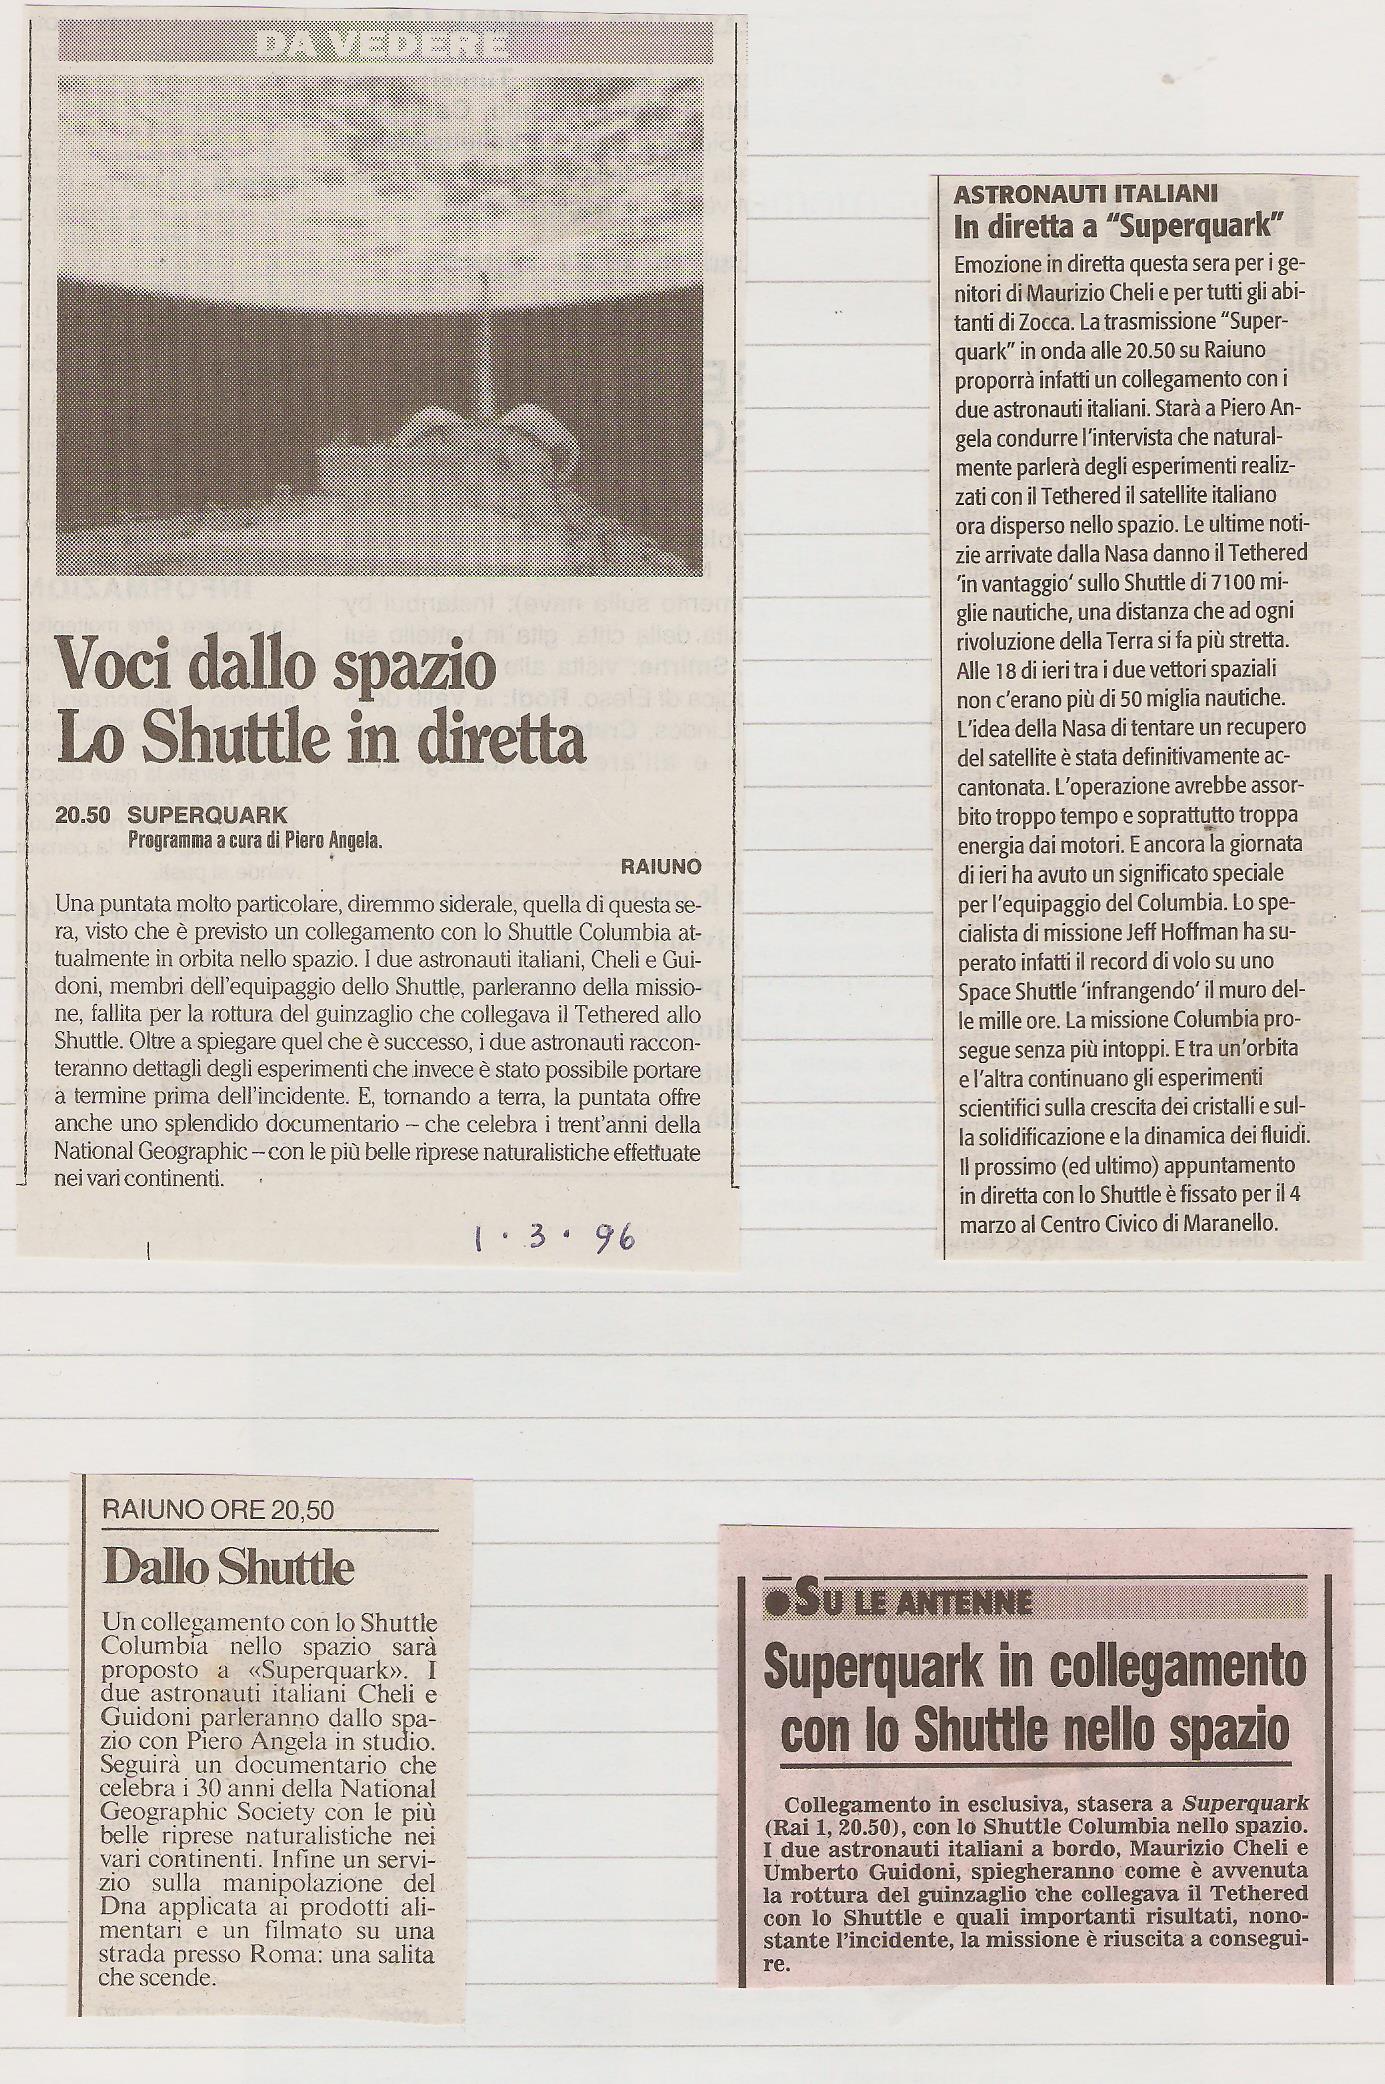 1996 03 01 001.jpg